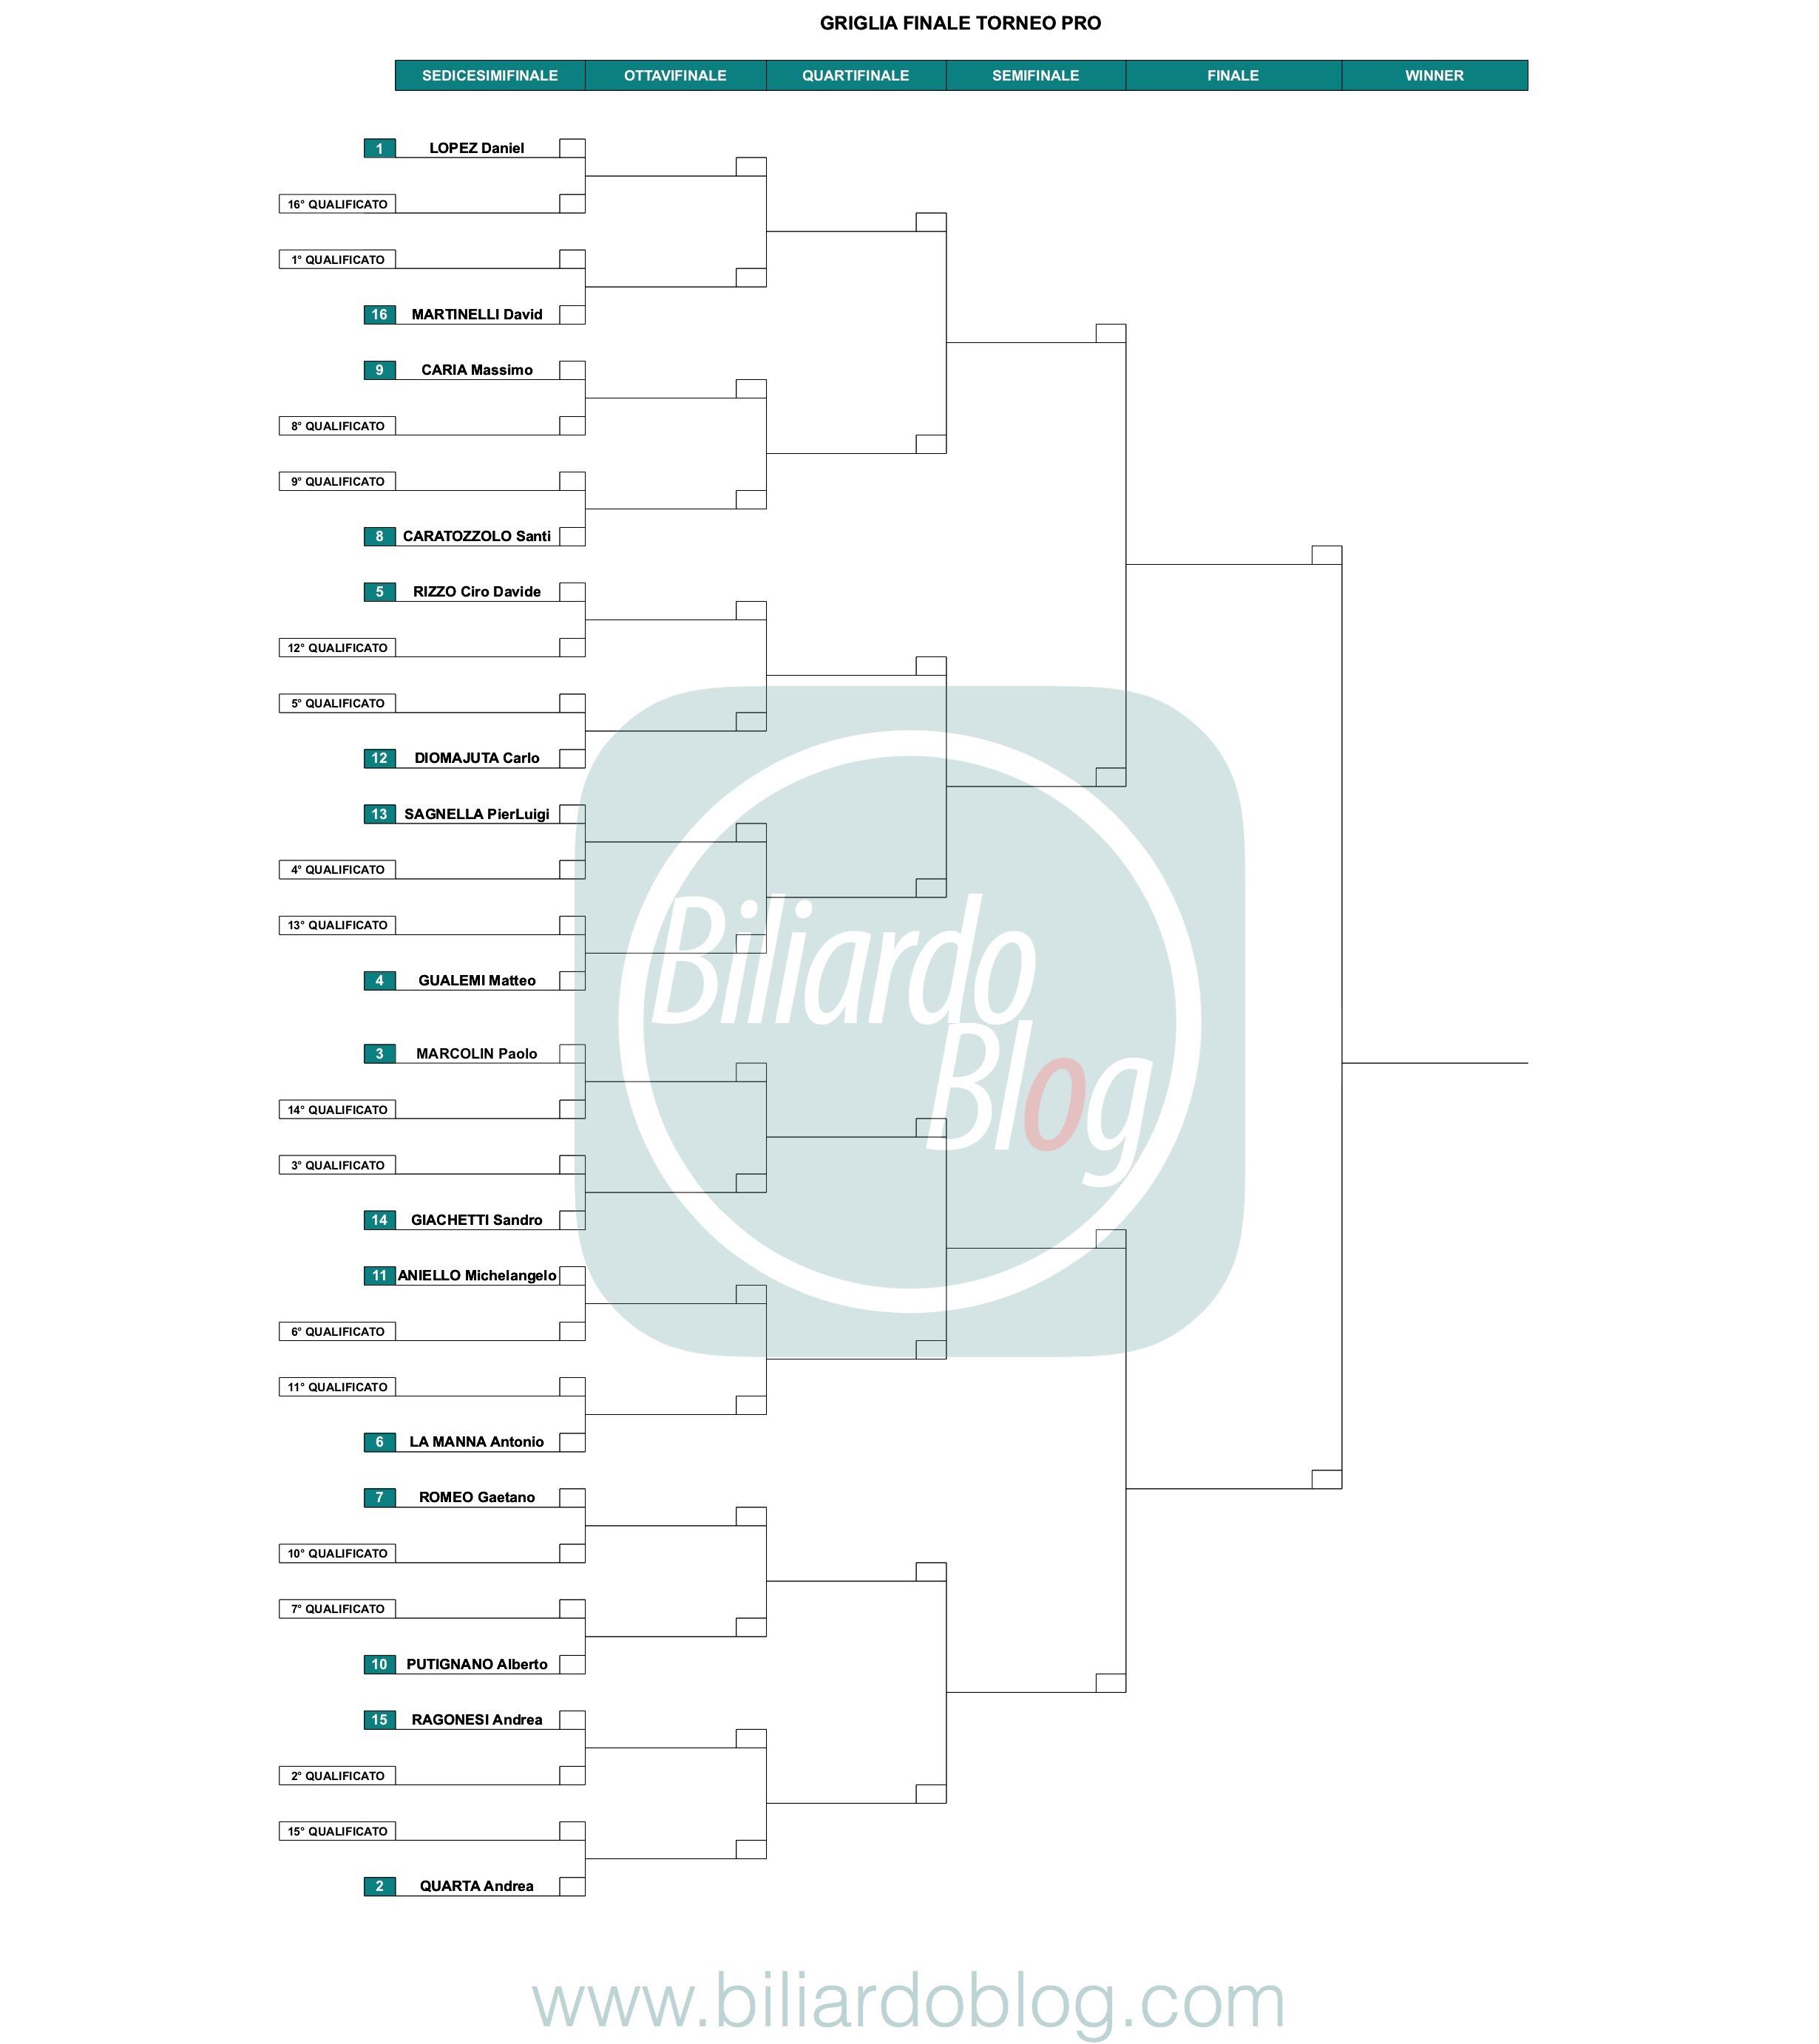 Giocatori di Biliardo Stagione 2019 2020: Categoria Nazionali Pro: Griglia.